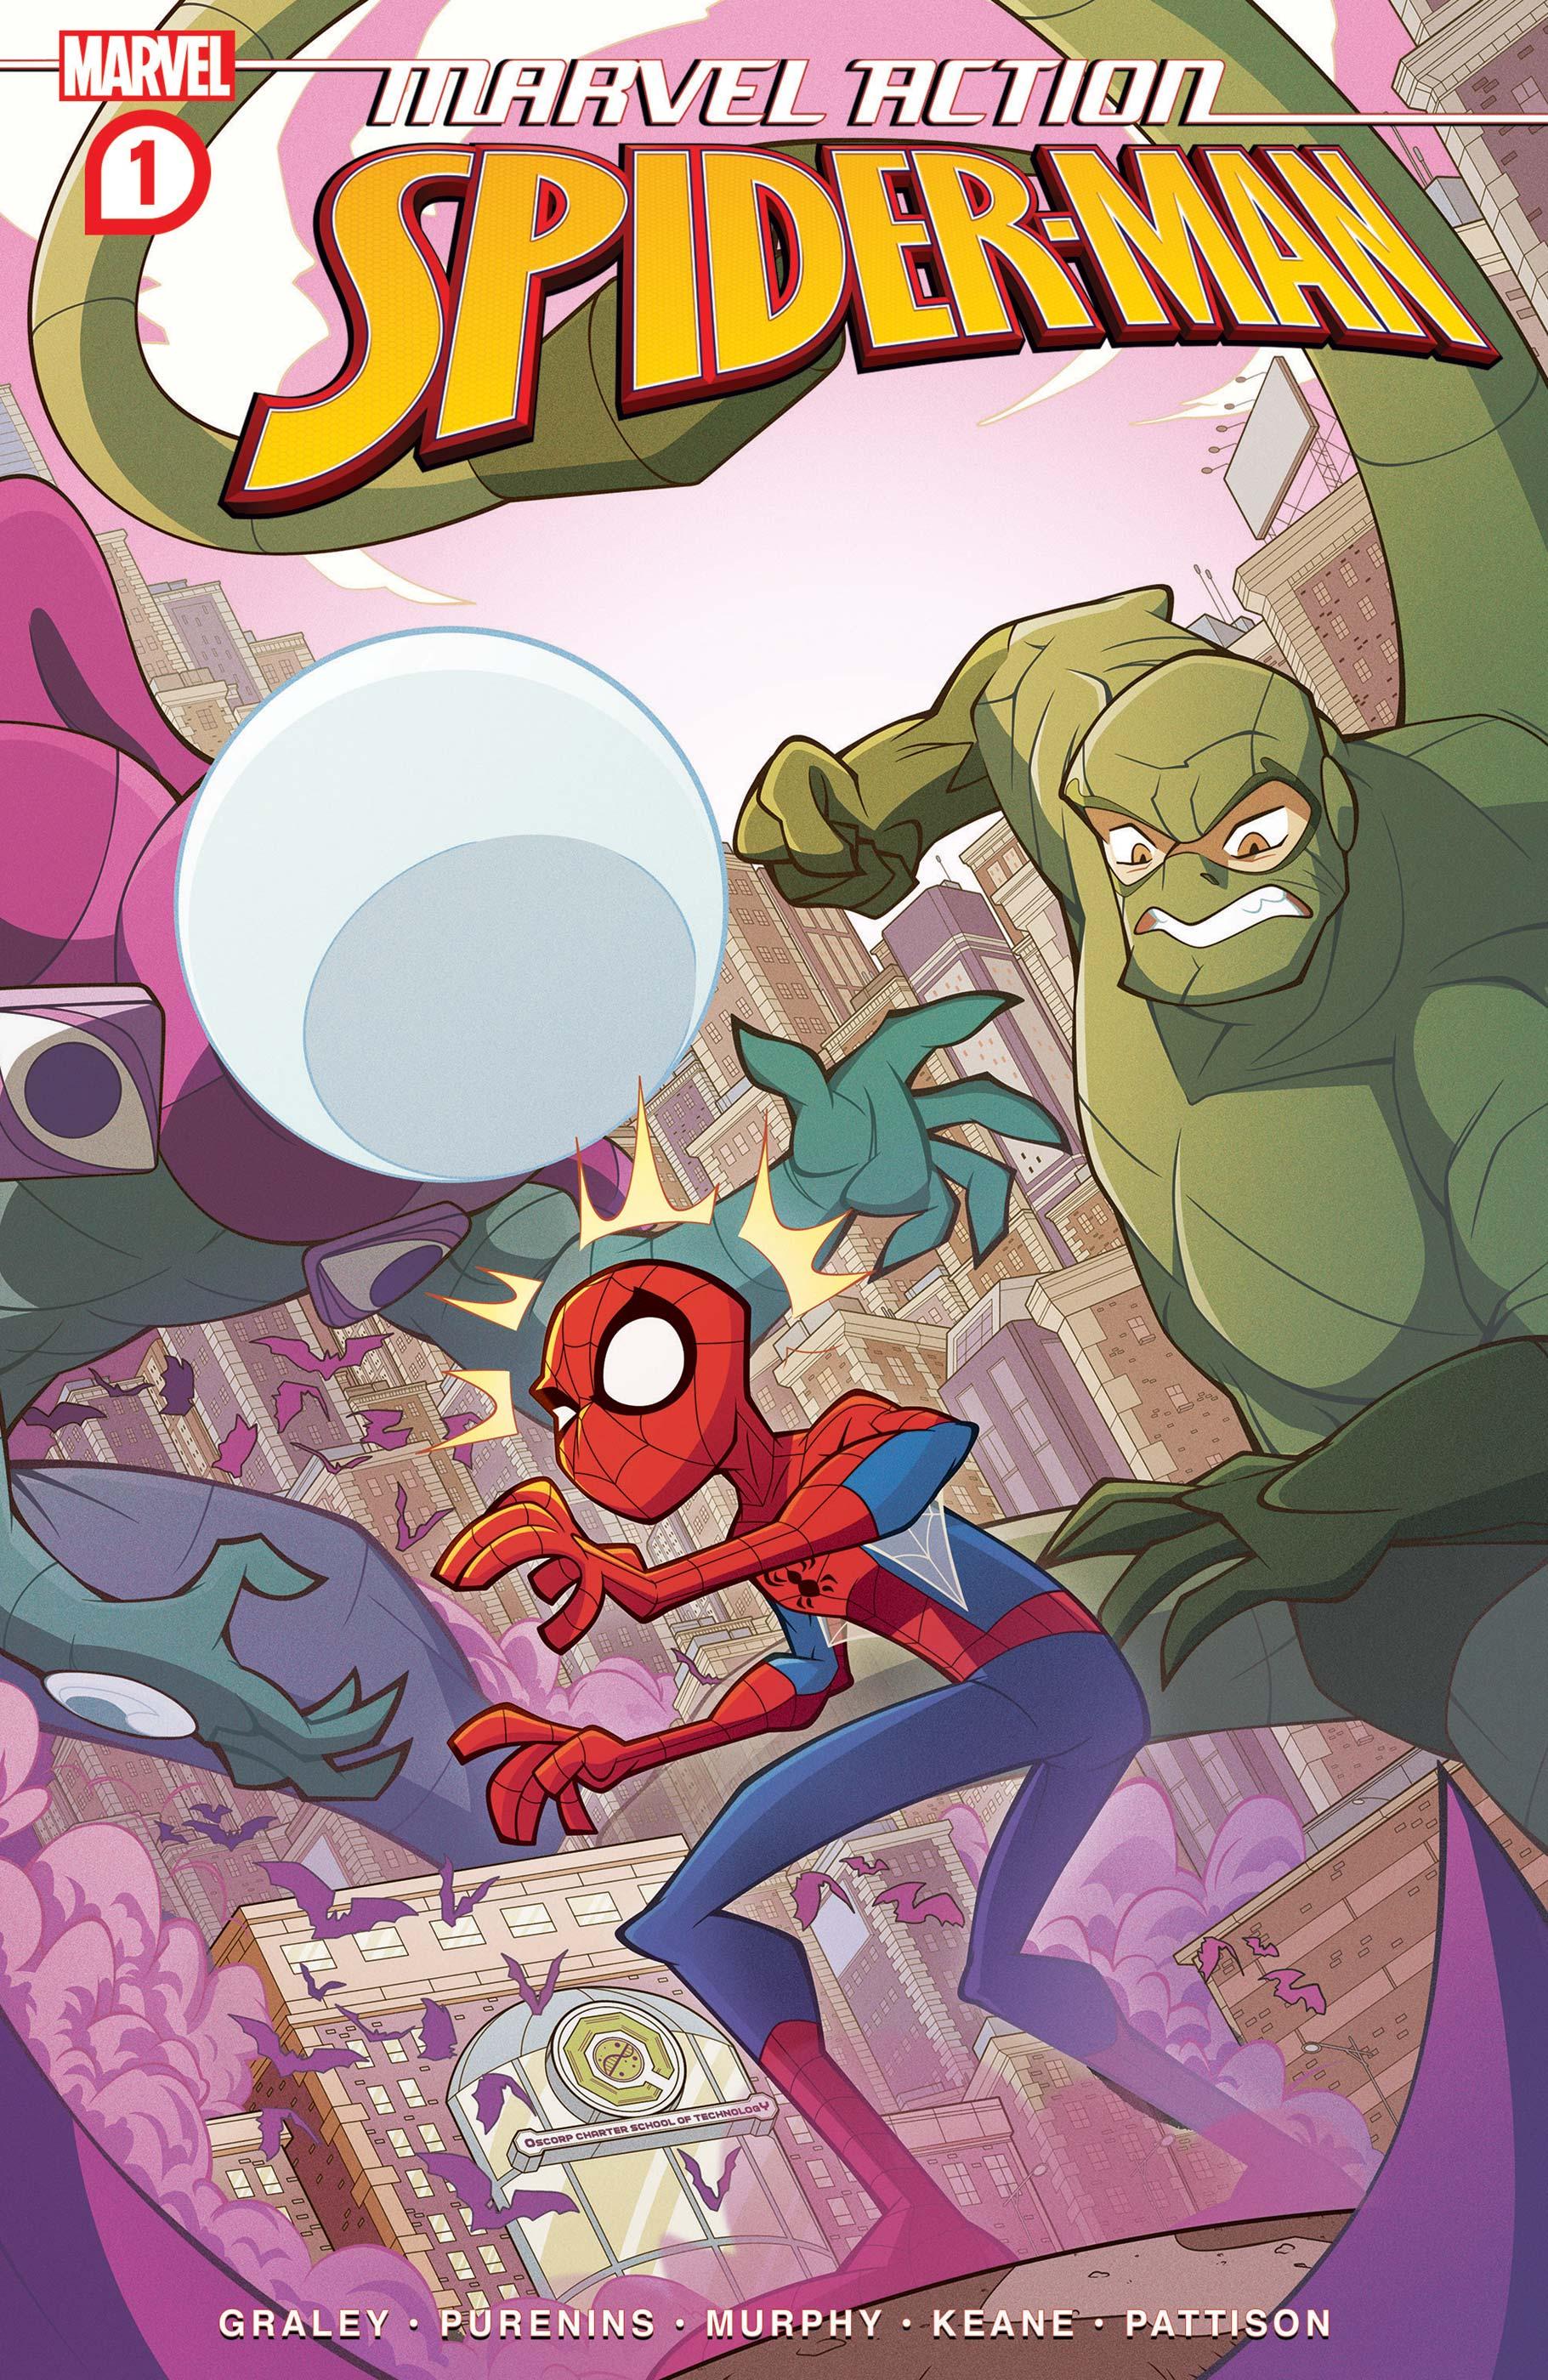 Marvel Action Spider-Man (2021) #1